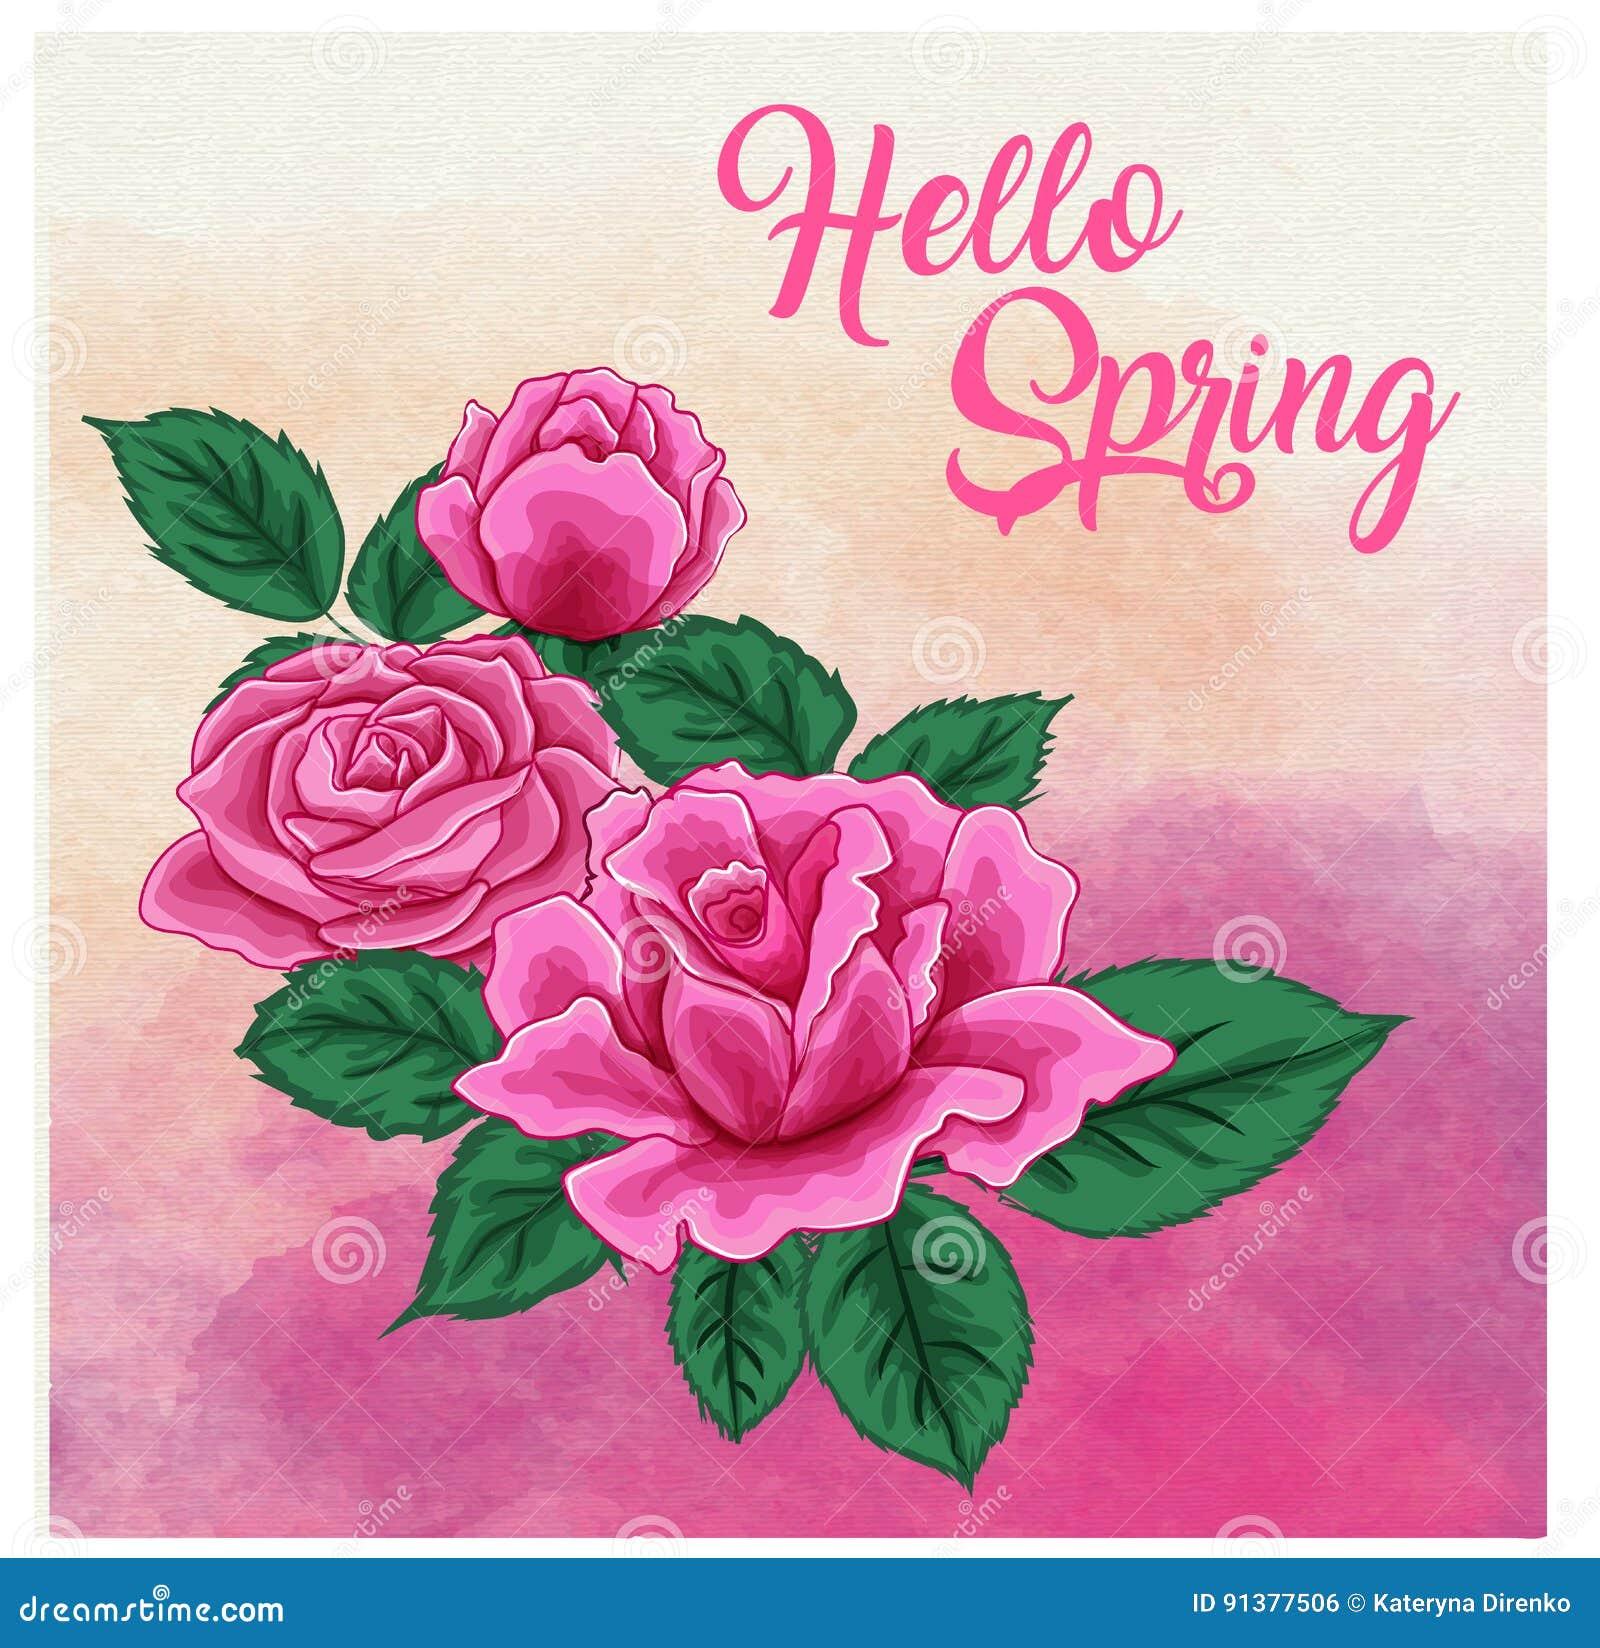 Rosen auf einem Aquarellhintergrund, können als Grußkarte, Einladungskarte für die Heirat benutzt werden, Geburtstag und anderer